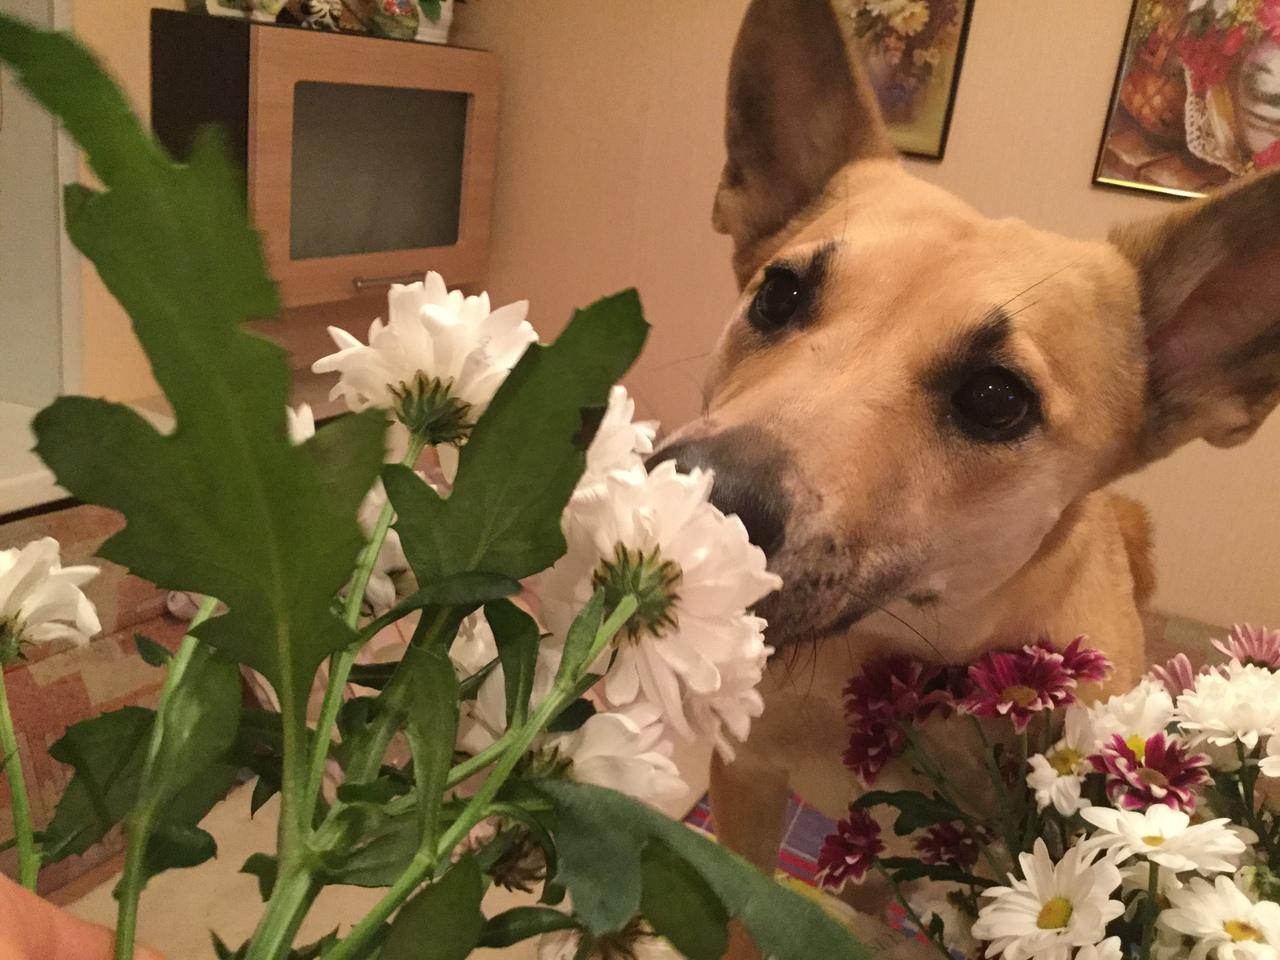 собака нюхает цветы